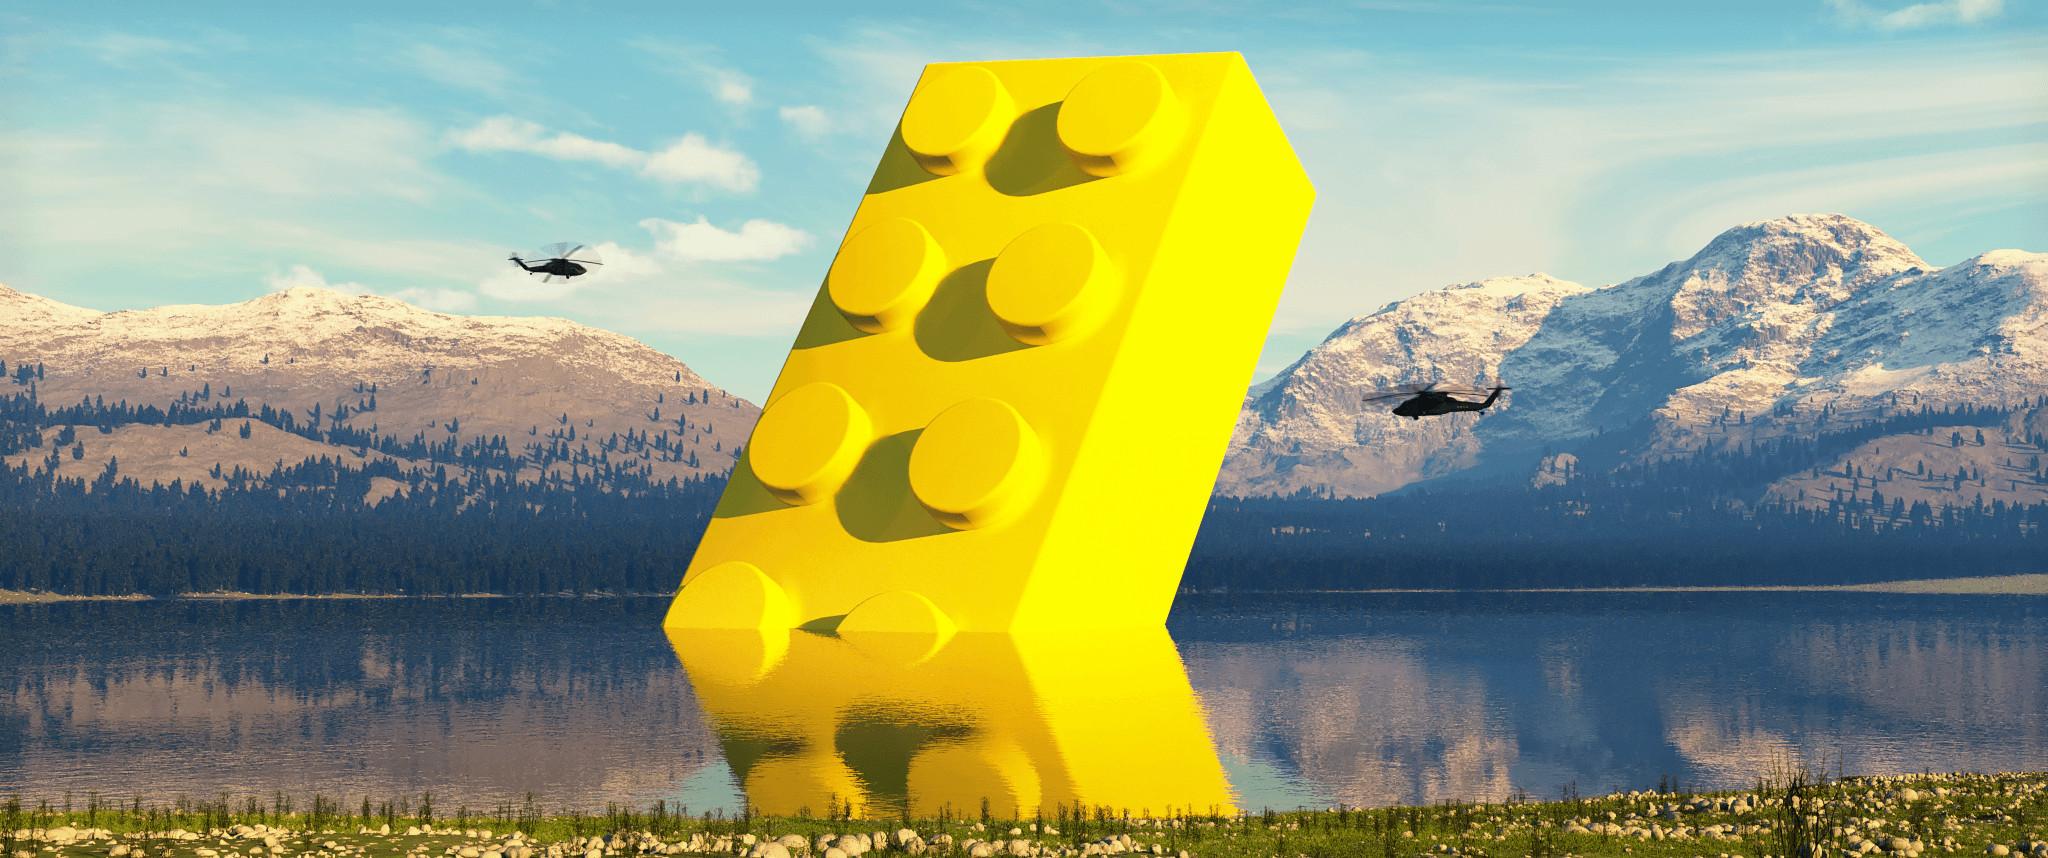 LEGO ARRIVED